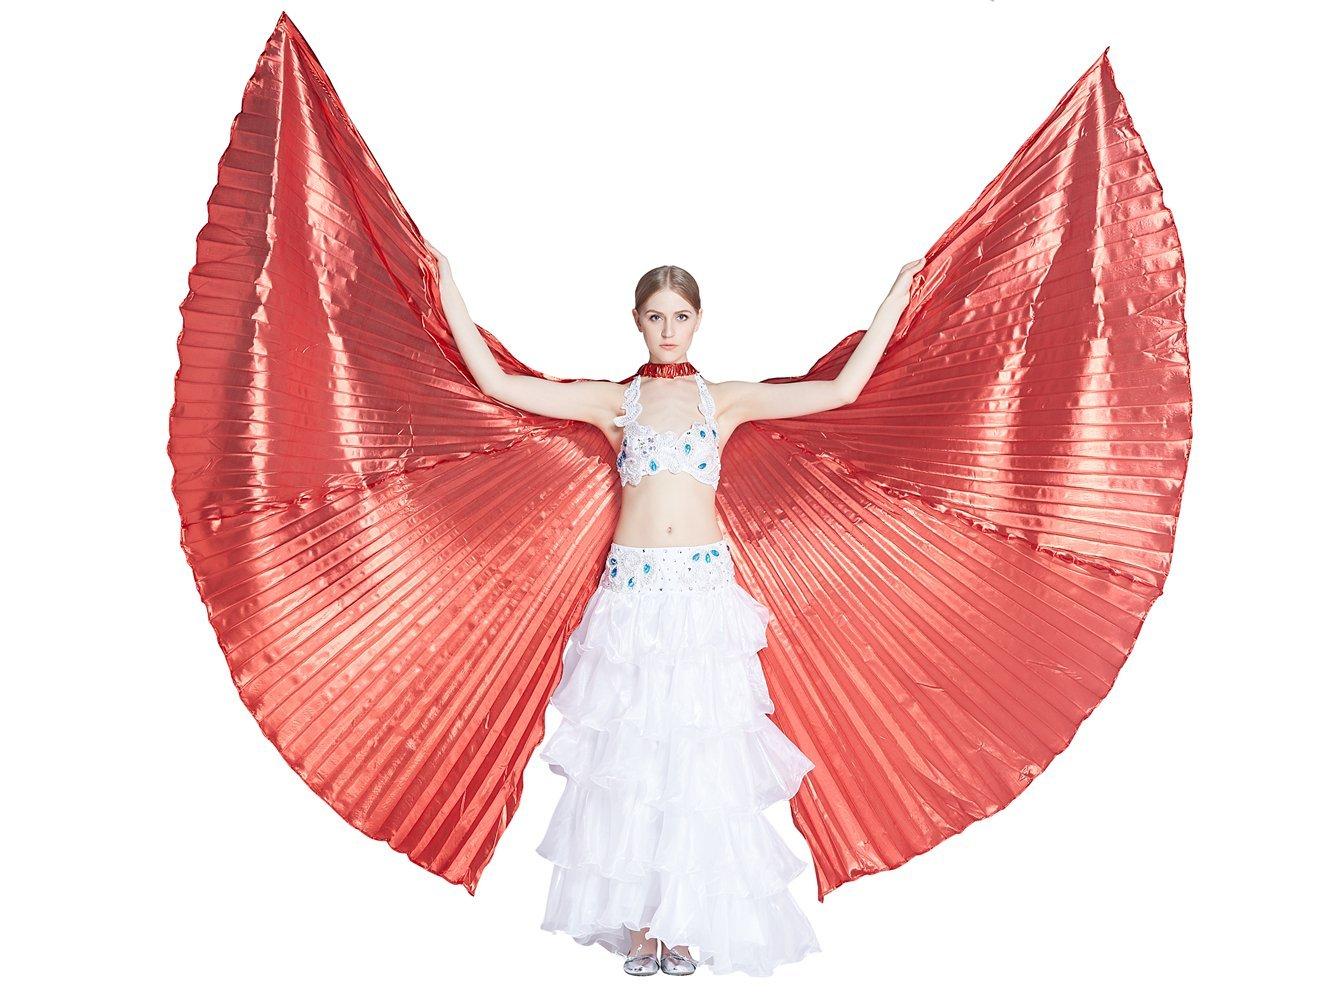 Dance Fairy Apertura Danza del Ventre Iside Ali Puntelli Danza con bastoni aste, Rosso BDWOGC